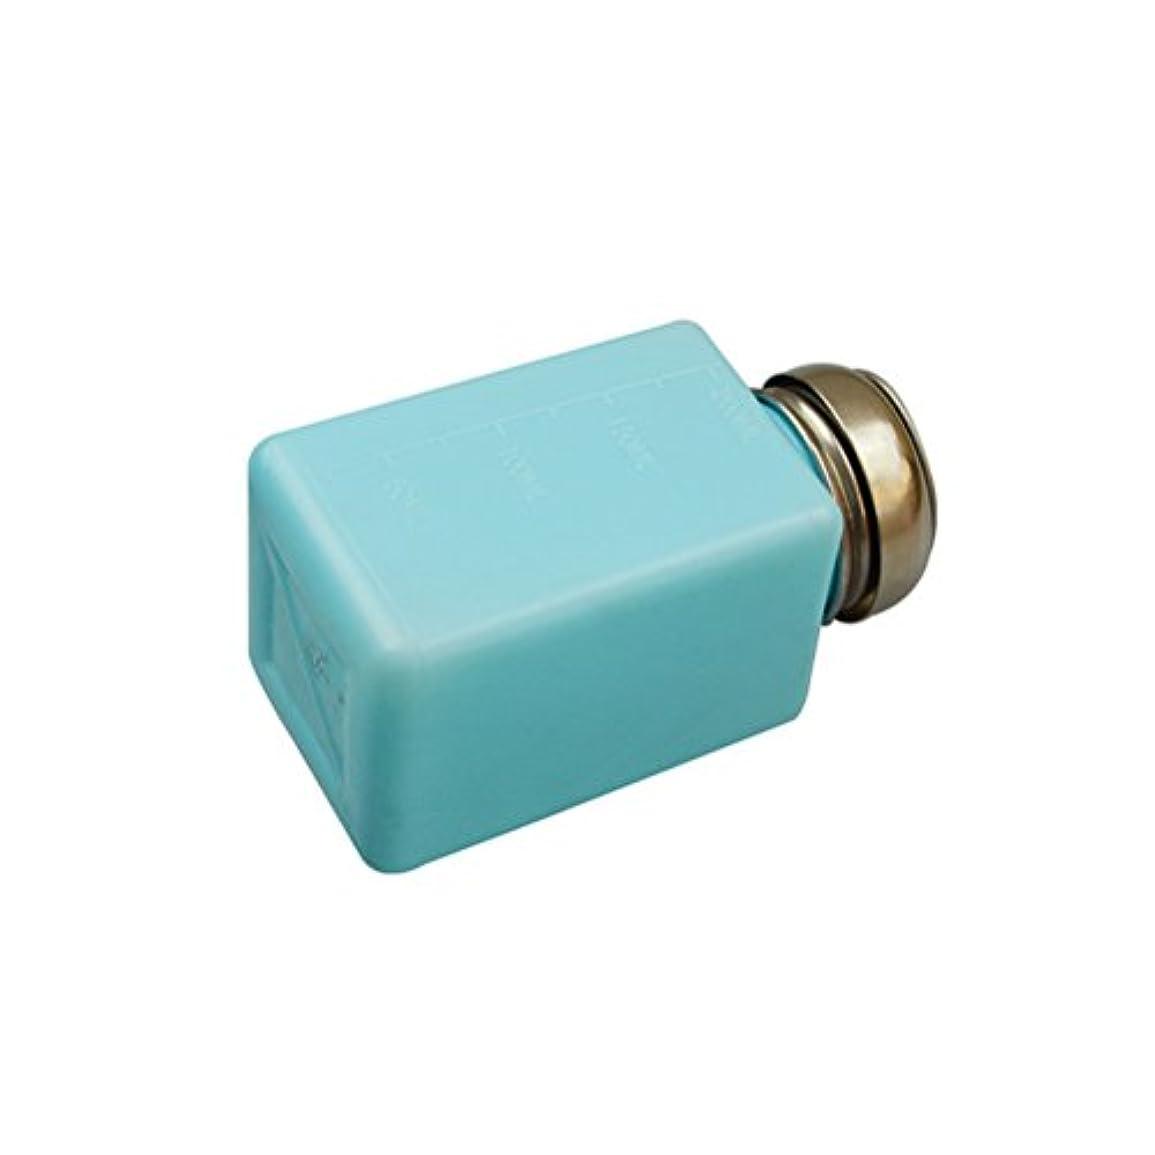 援助するにはまって中絶BESTOMZ アルコールボトル 便利 クレンジングオイル 小分け容器 静電防止 200ML(青)